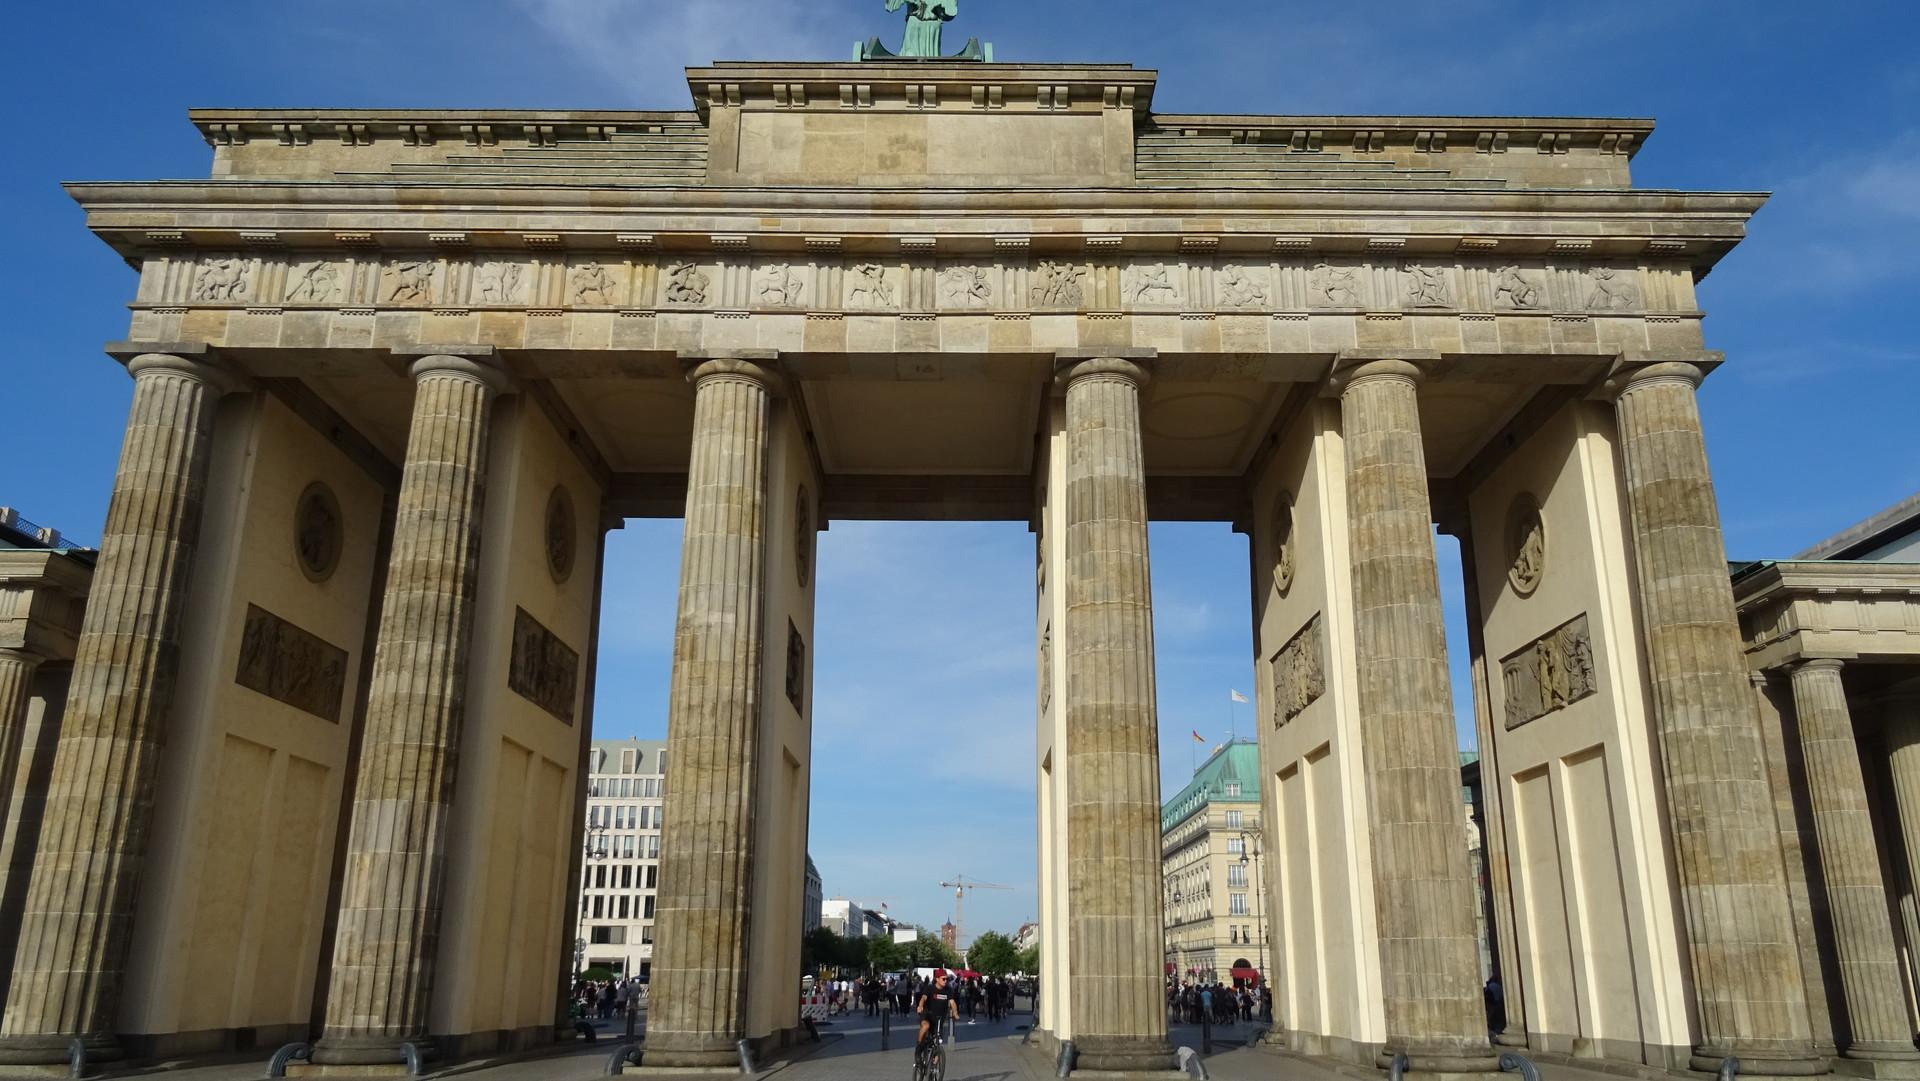 puerta-brandemburgo-4fd65652bdc8b3172502